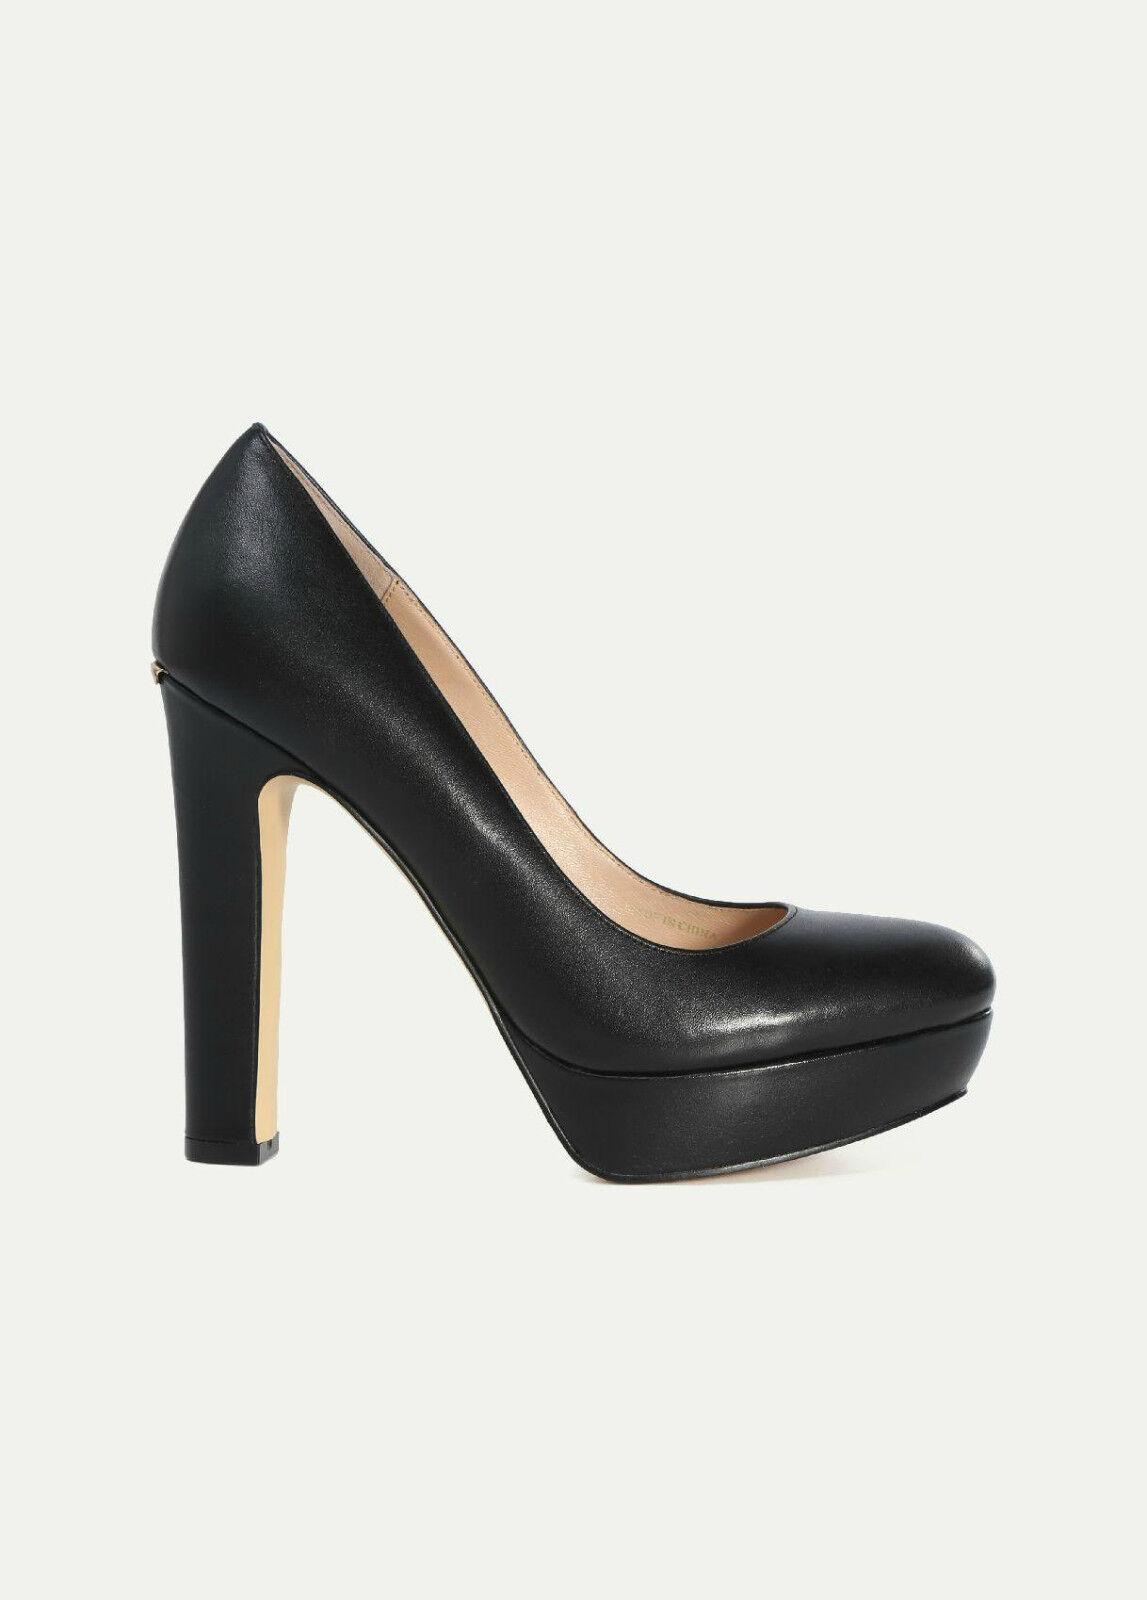 Liu jo scarpa donna décolleté nero platform Janis art.S67061 col. nero décolleté 0eb092